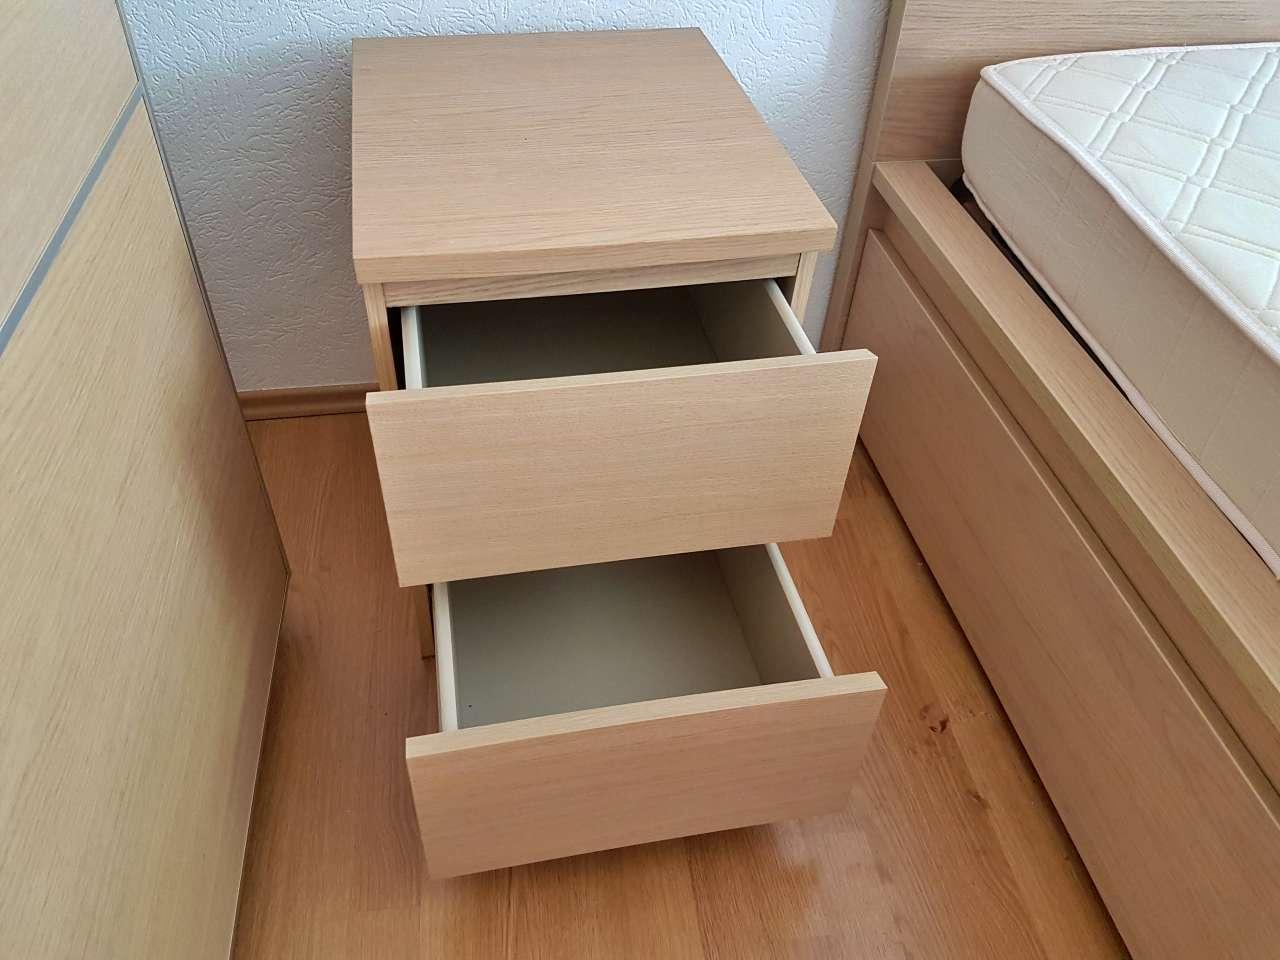 Nachttisch Holz massiv IKEA modern